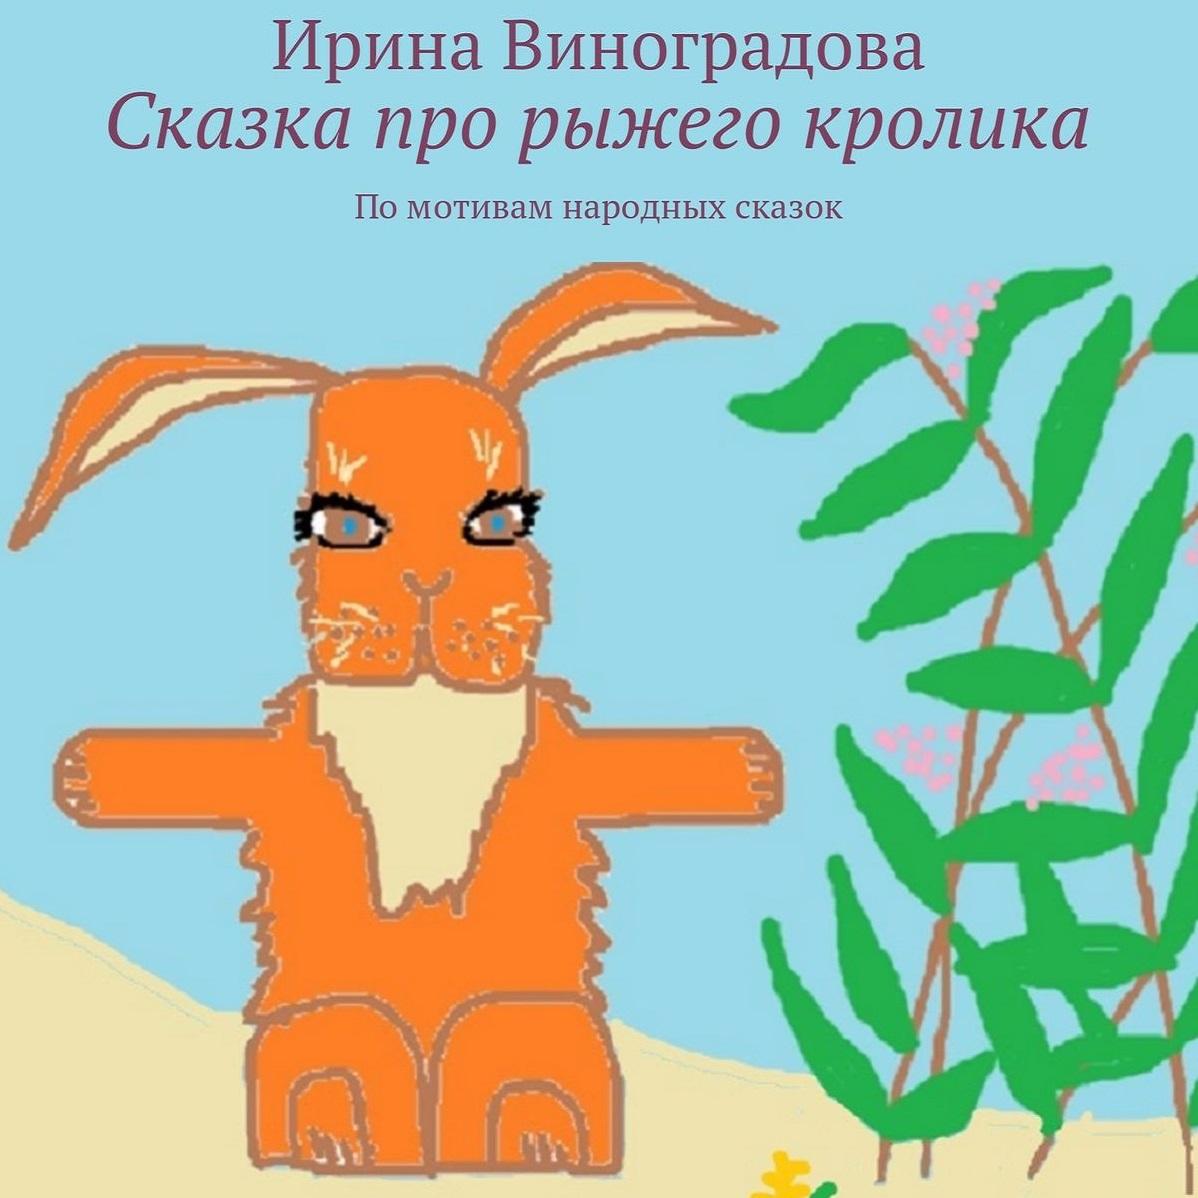 Ирина Виноградова Сказка про рыжего кролика. Помотивам народных сказок